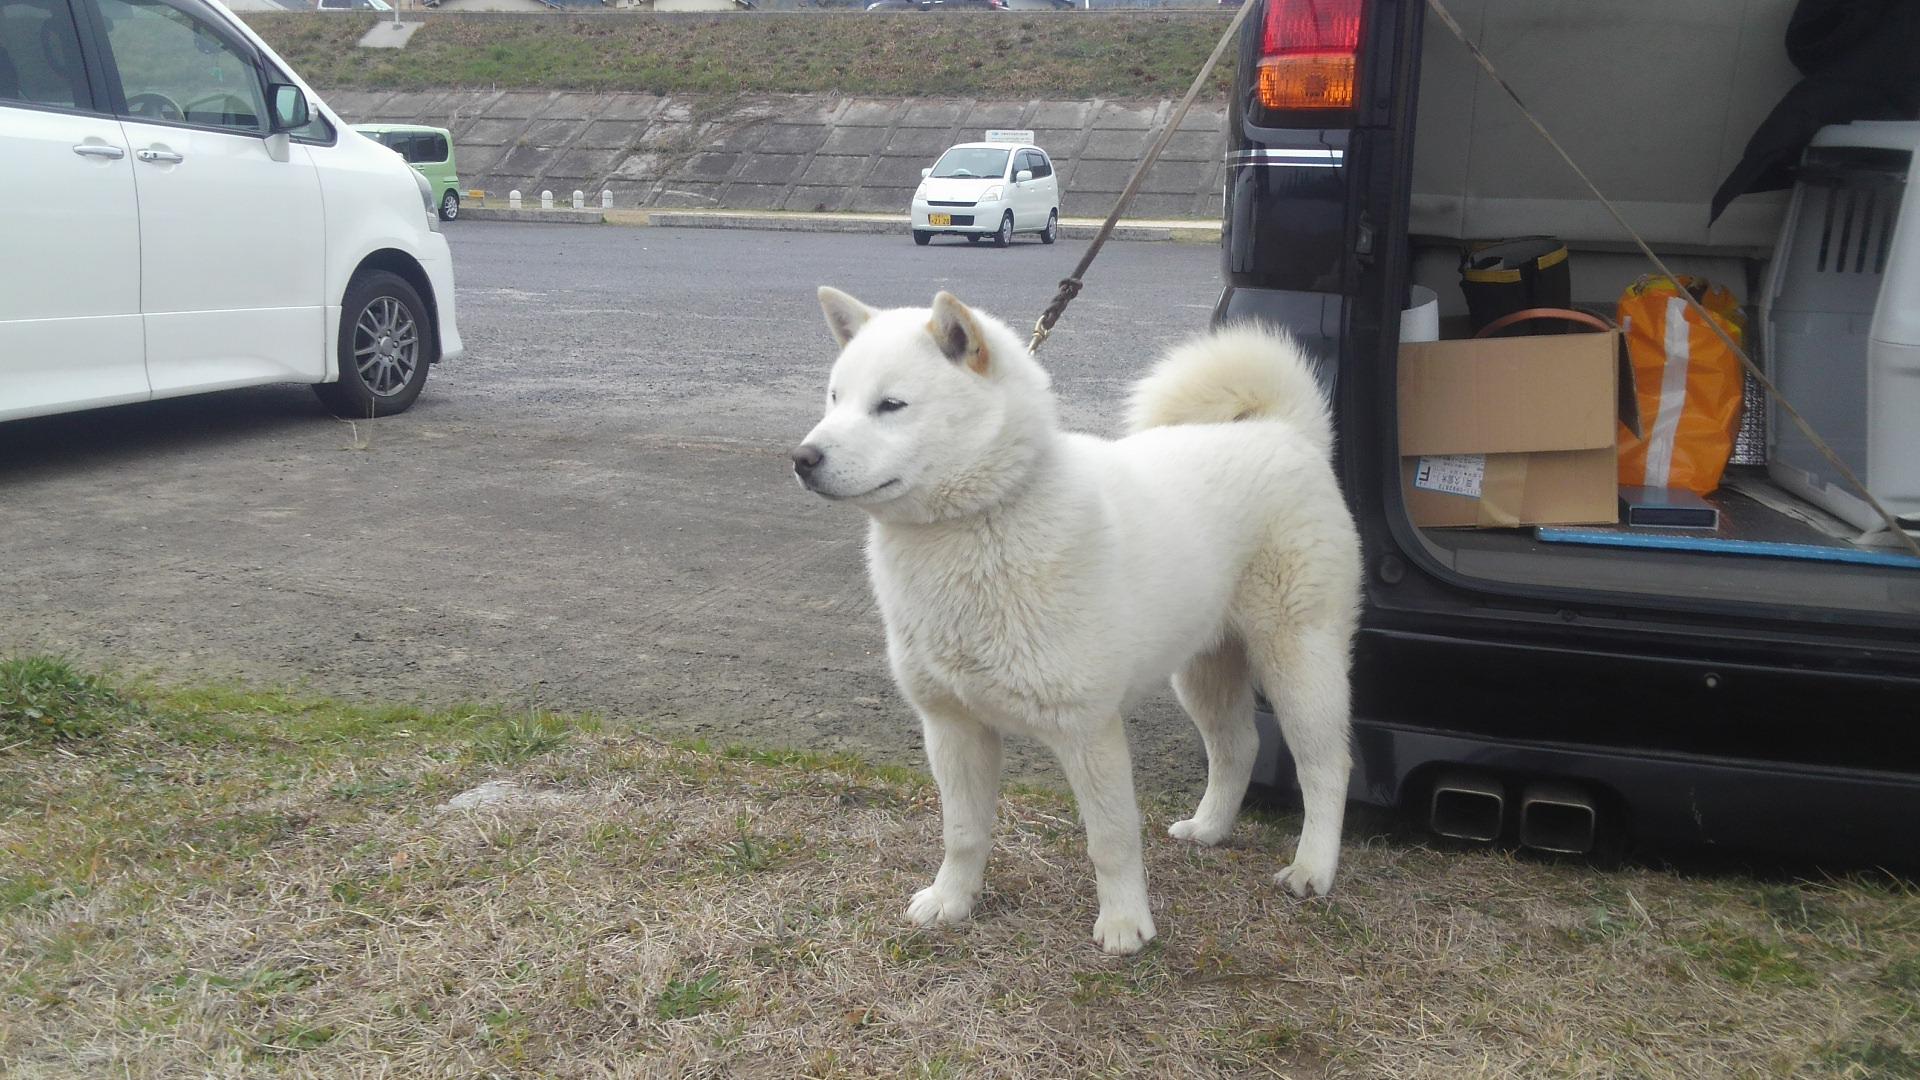 子犬の叔父にあたる純千歳白虎は北海道犬協会で二戦二勝の優秀犬です。